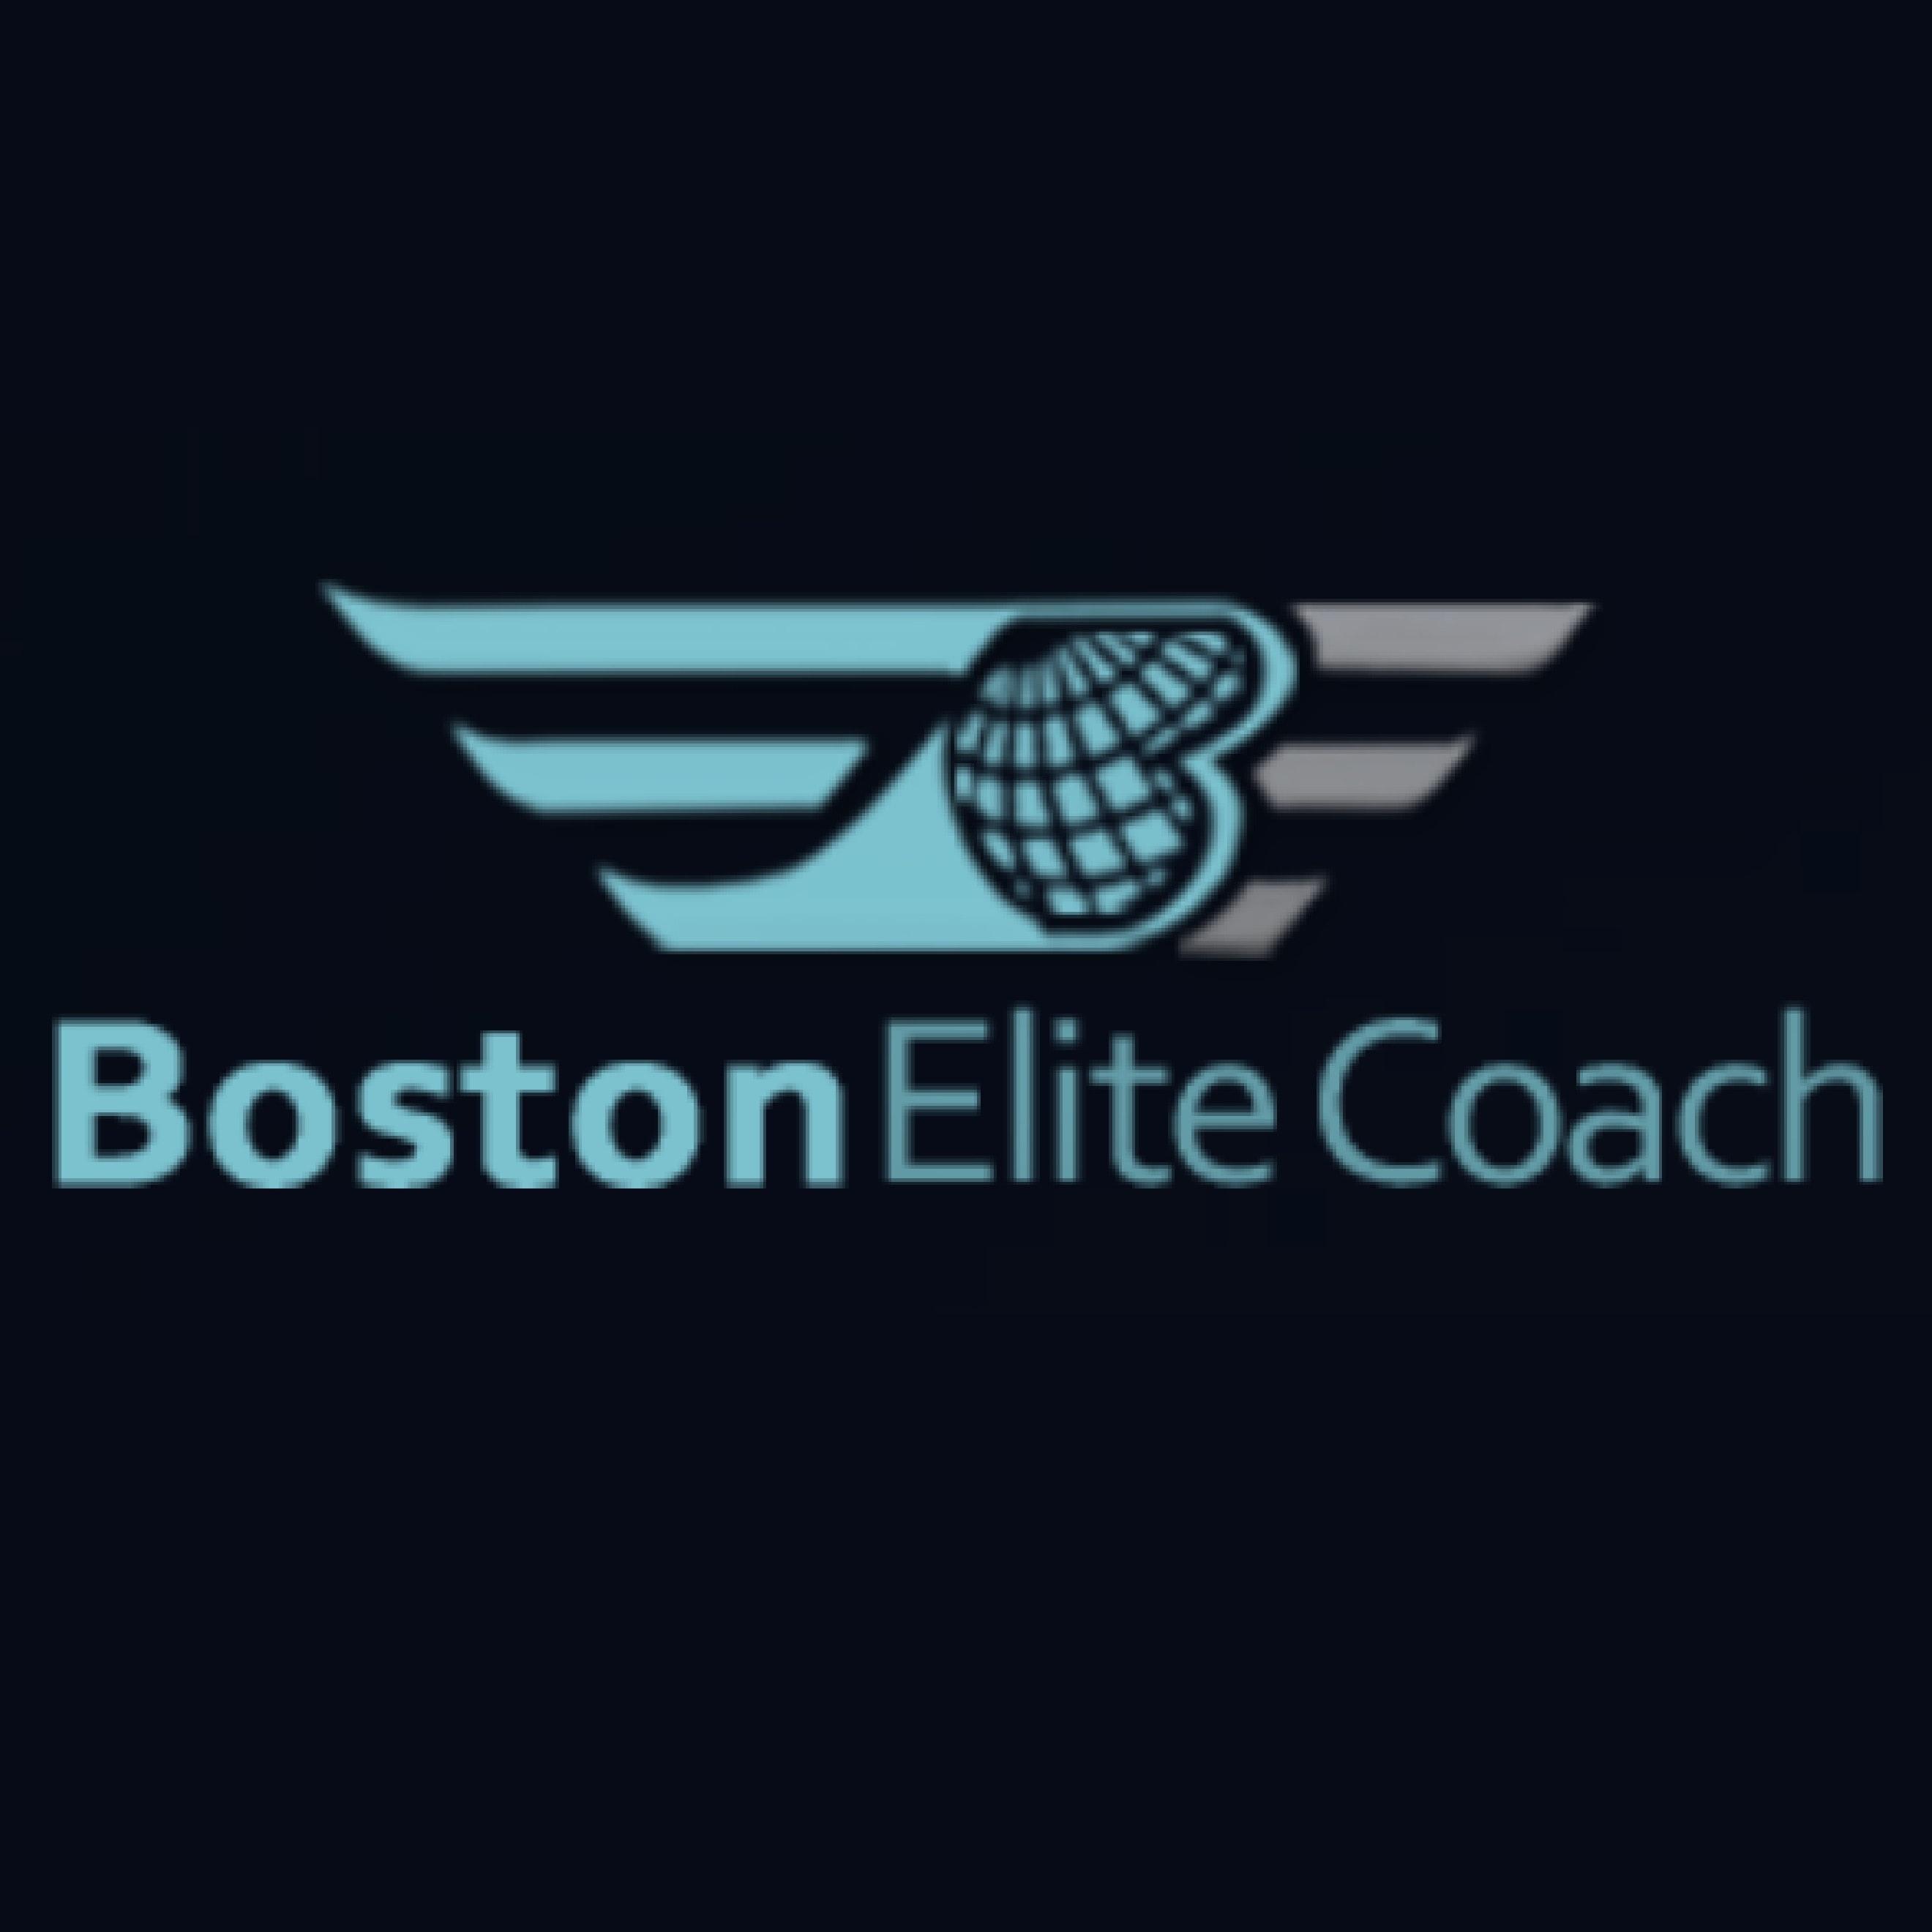 Boston Elite Coach